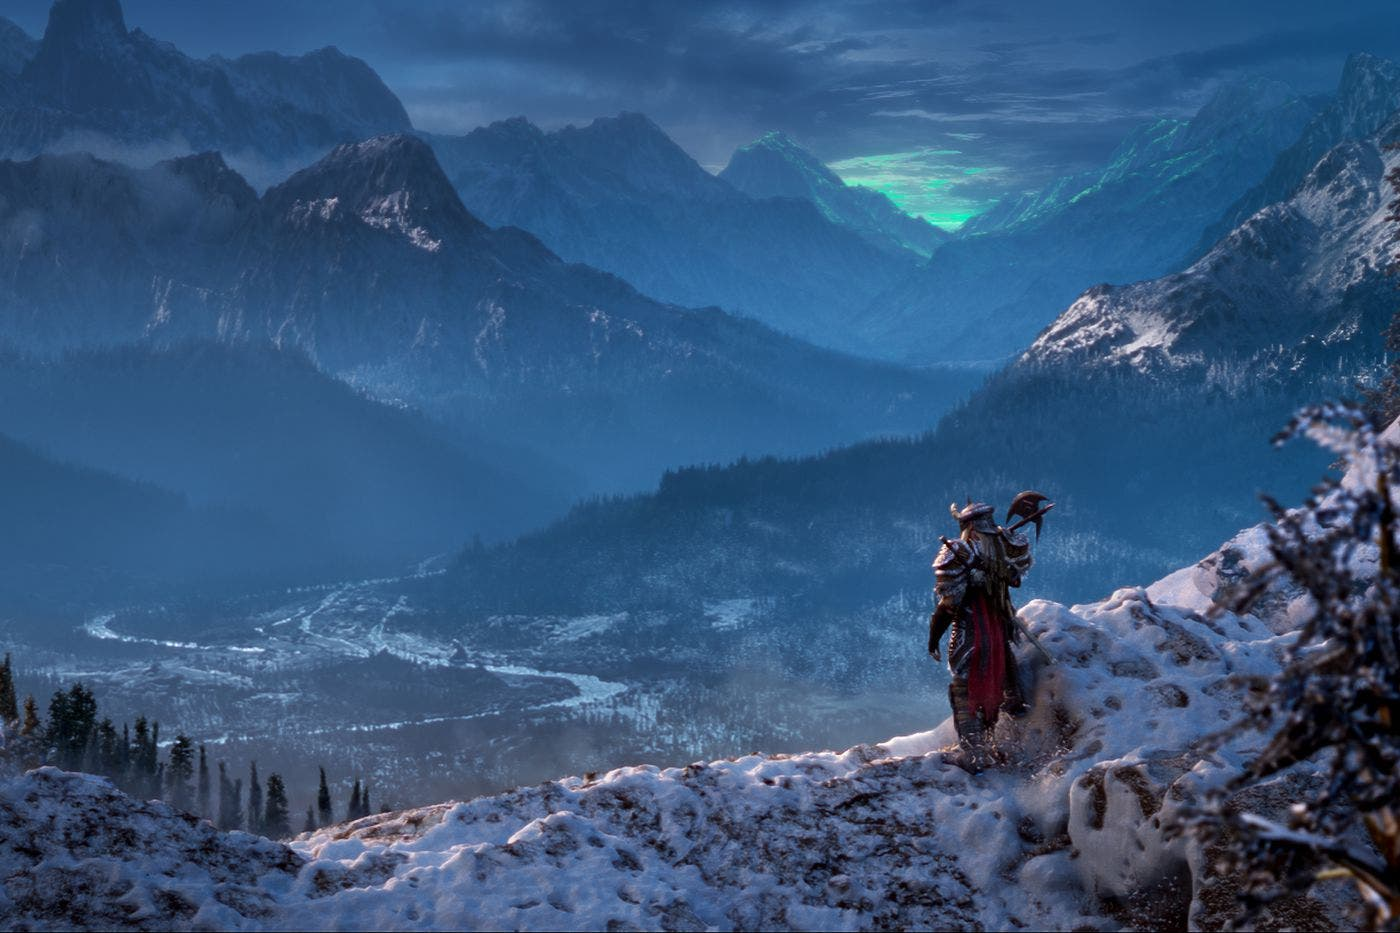 The Elder Scrolls Online continúa la senda hacia Skyrim V 6